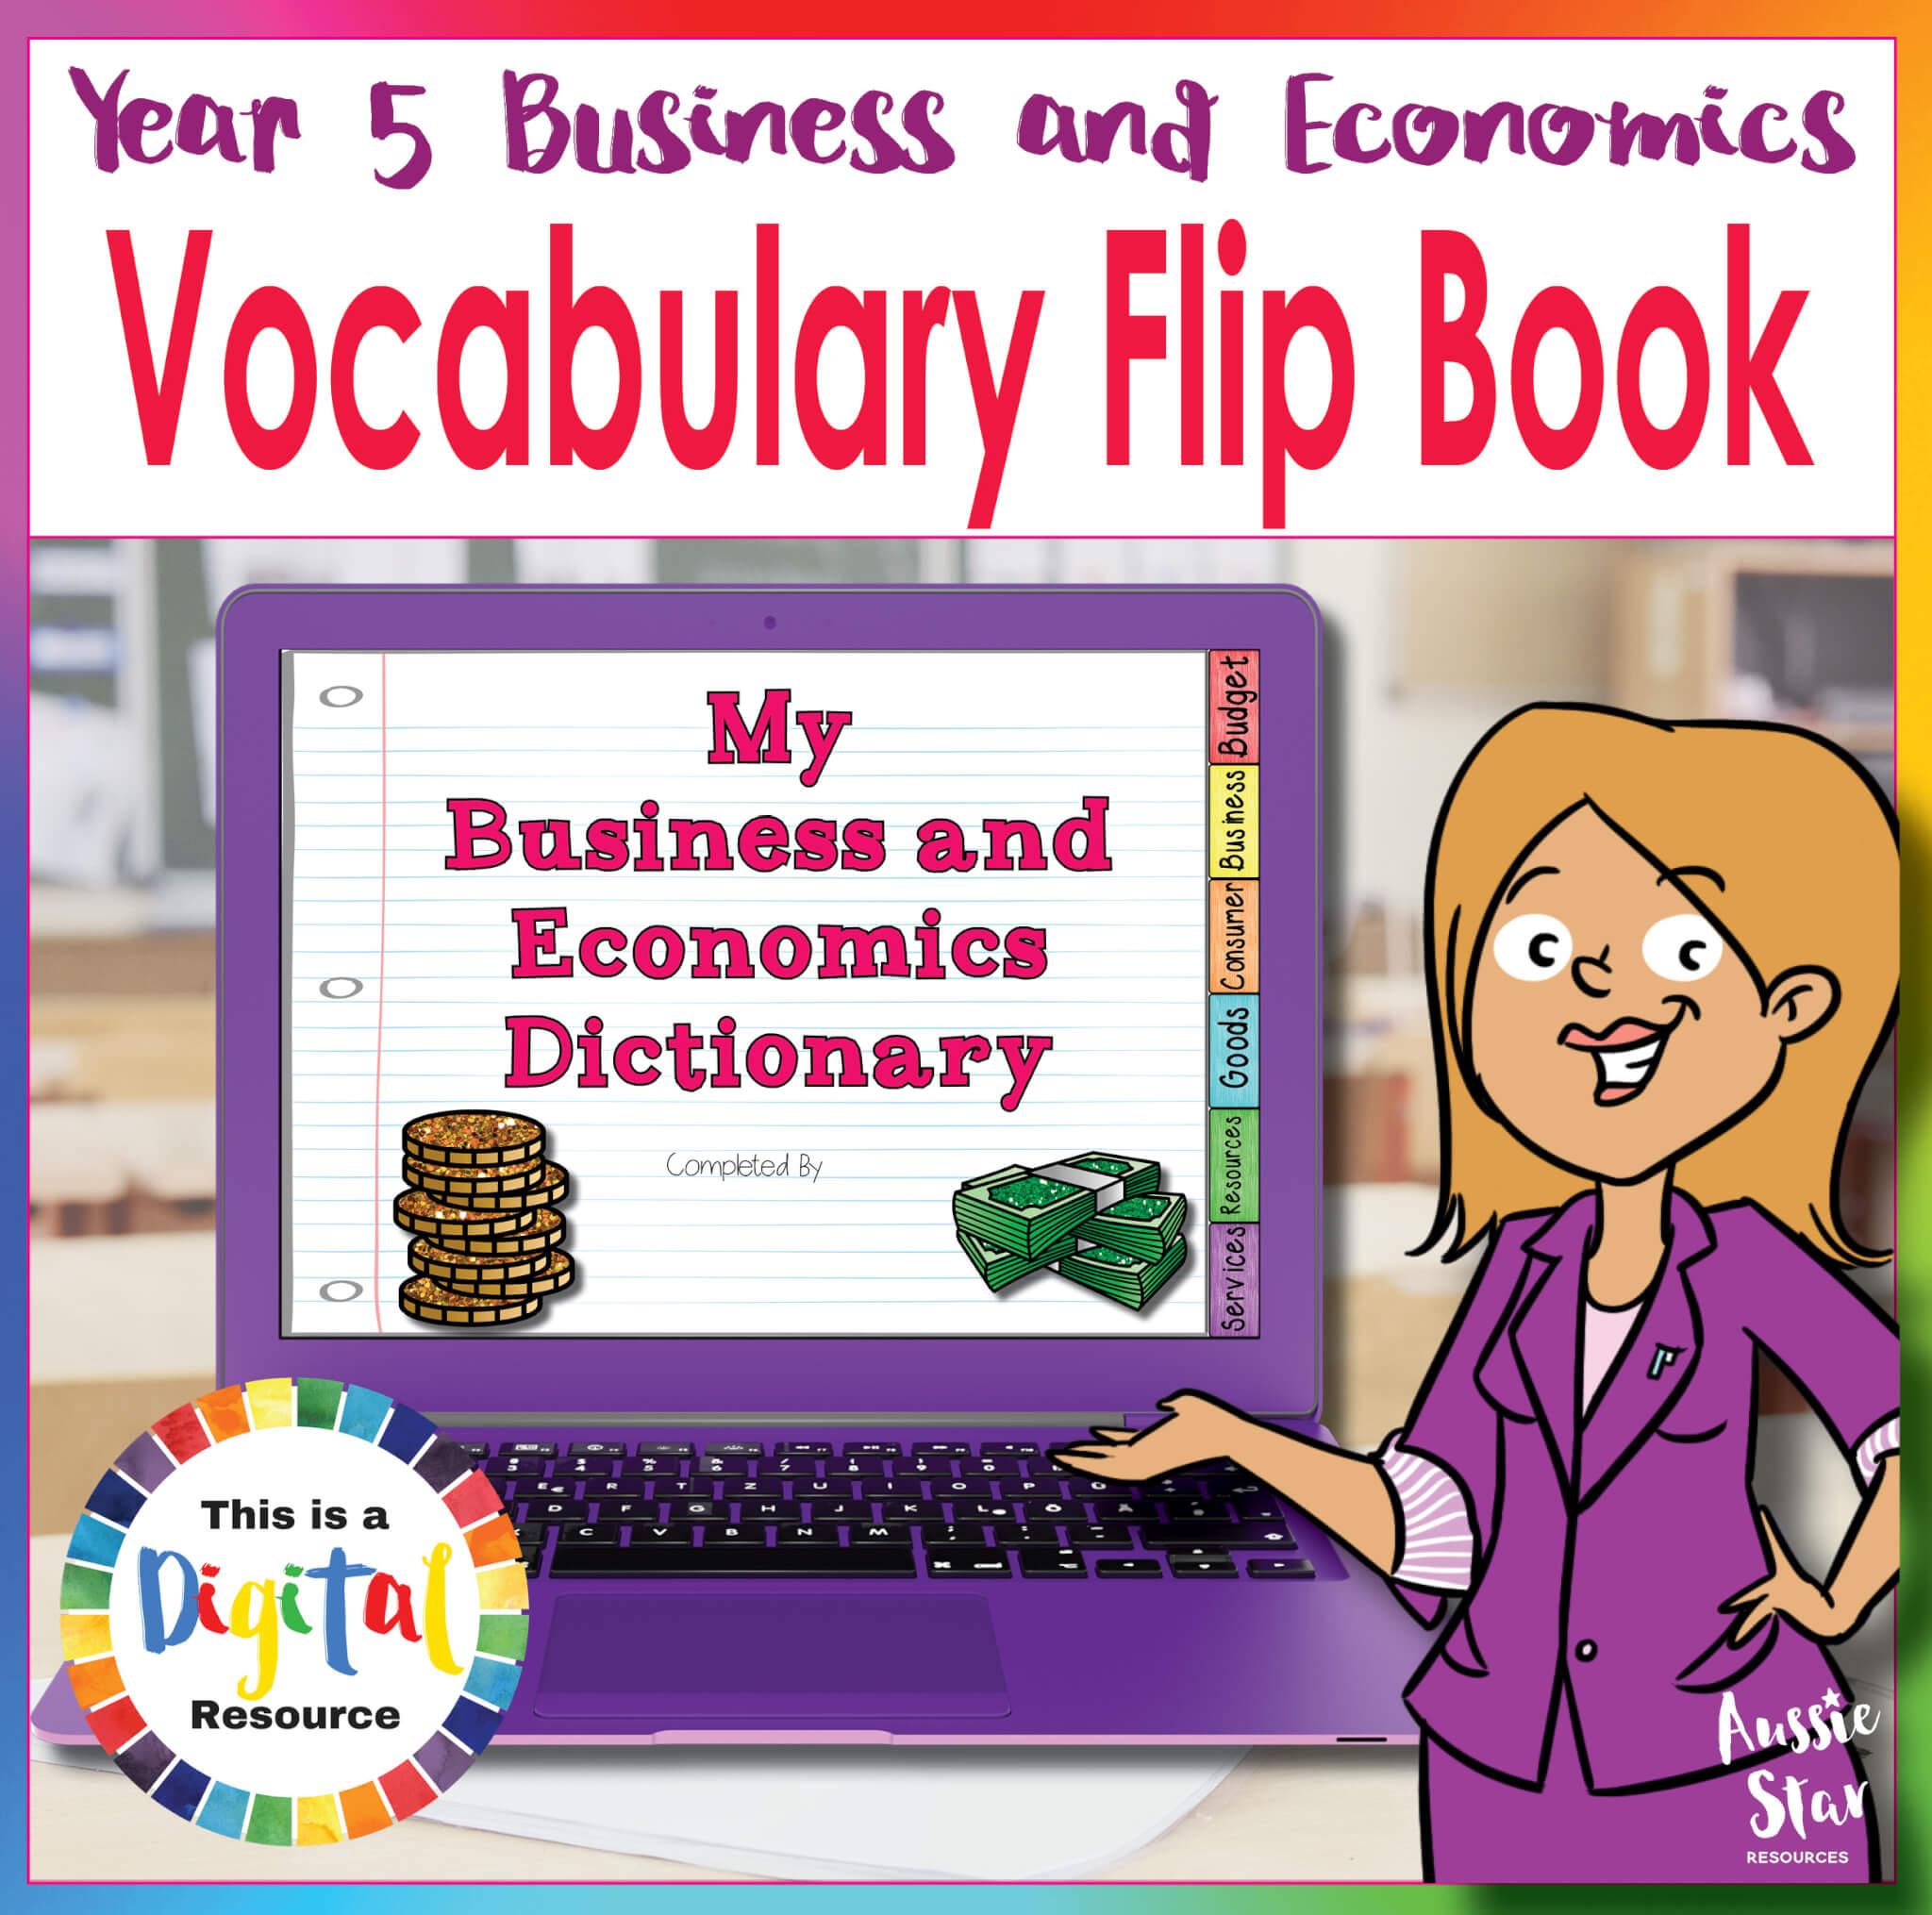 business-and-economics-vocabulary-digital-dictionary-flip-book